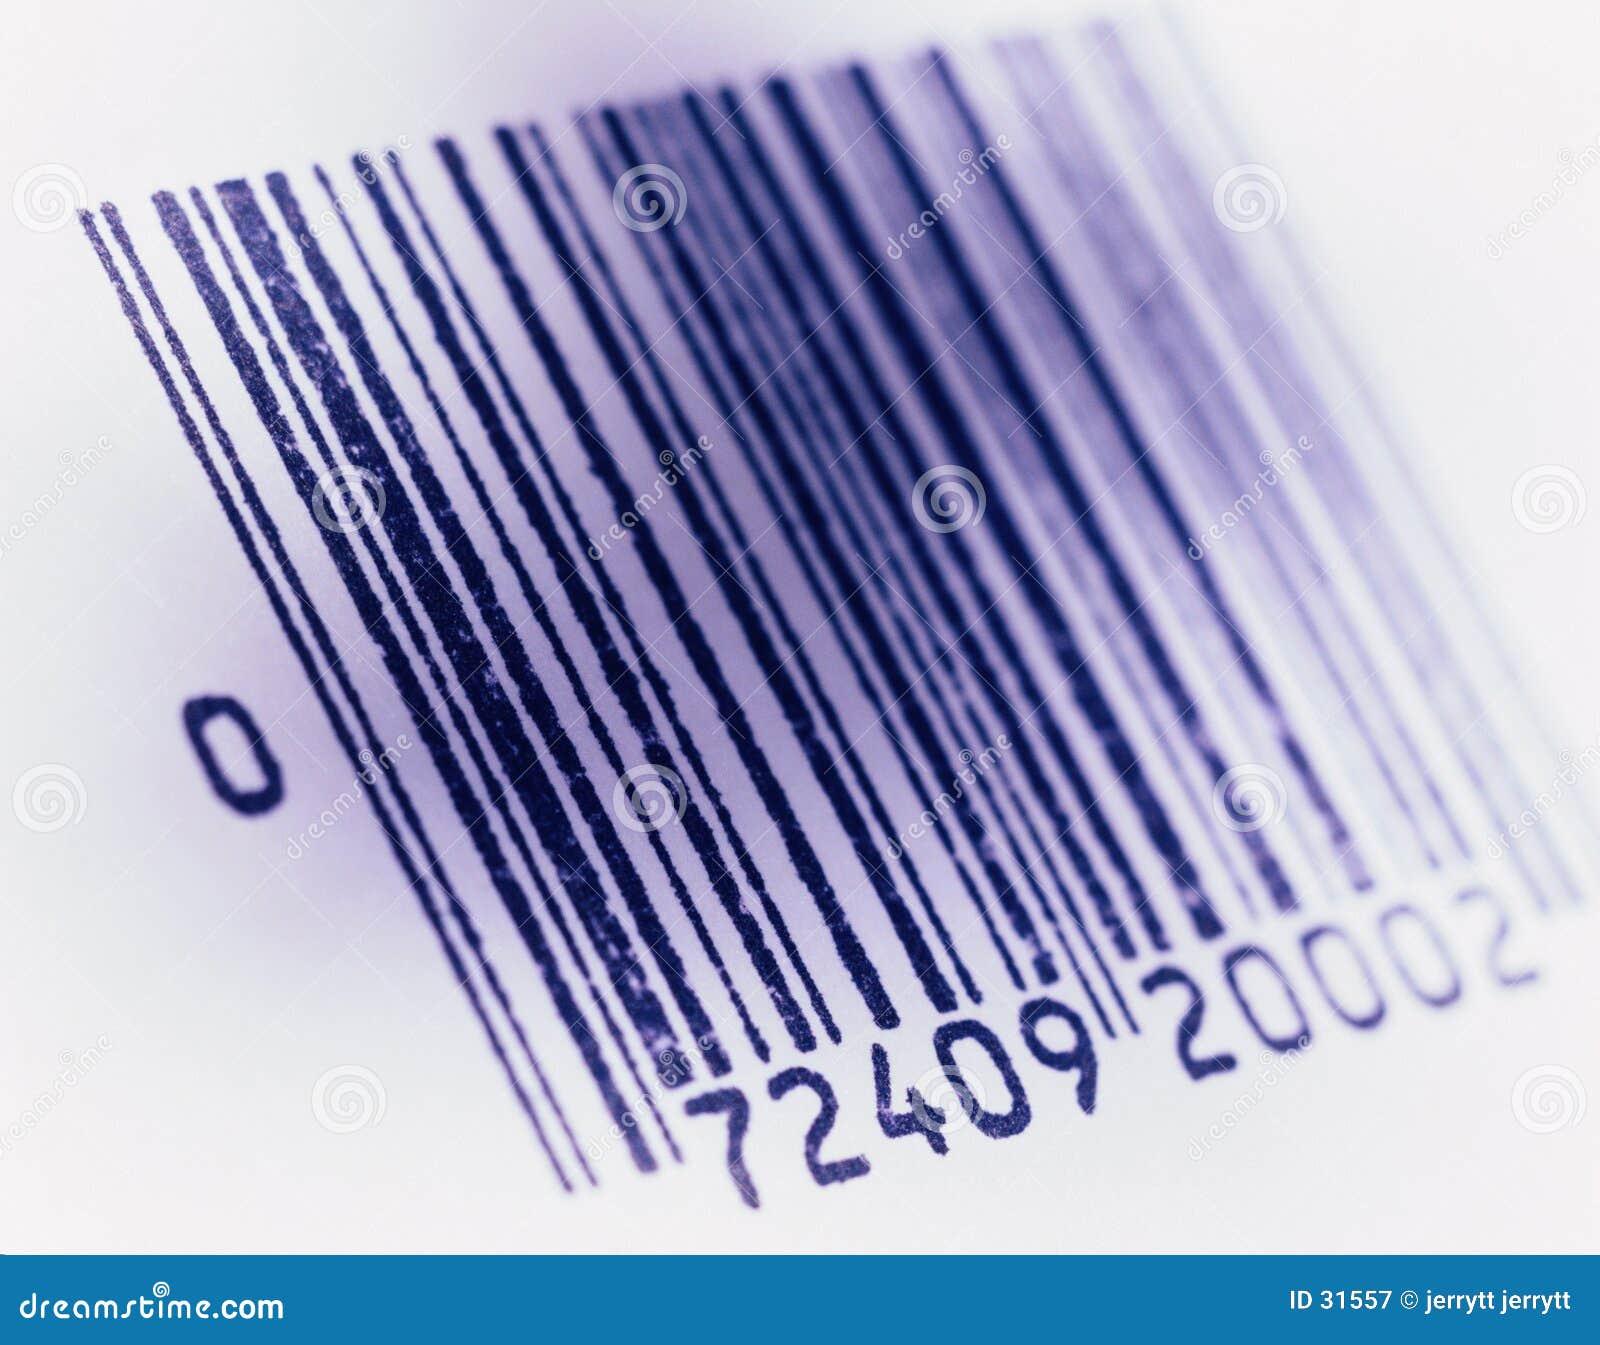 后备地址寄存码的图象